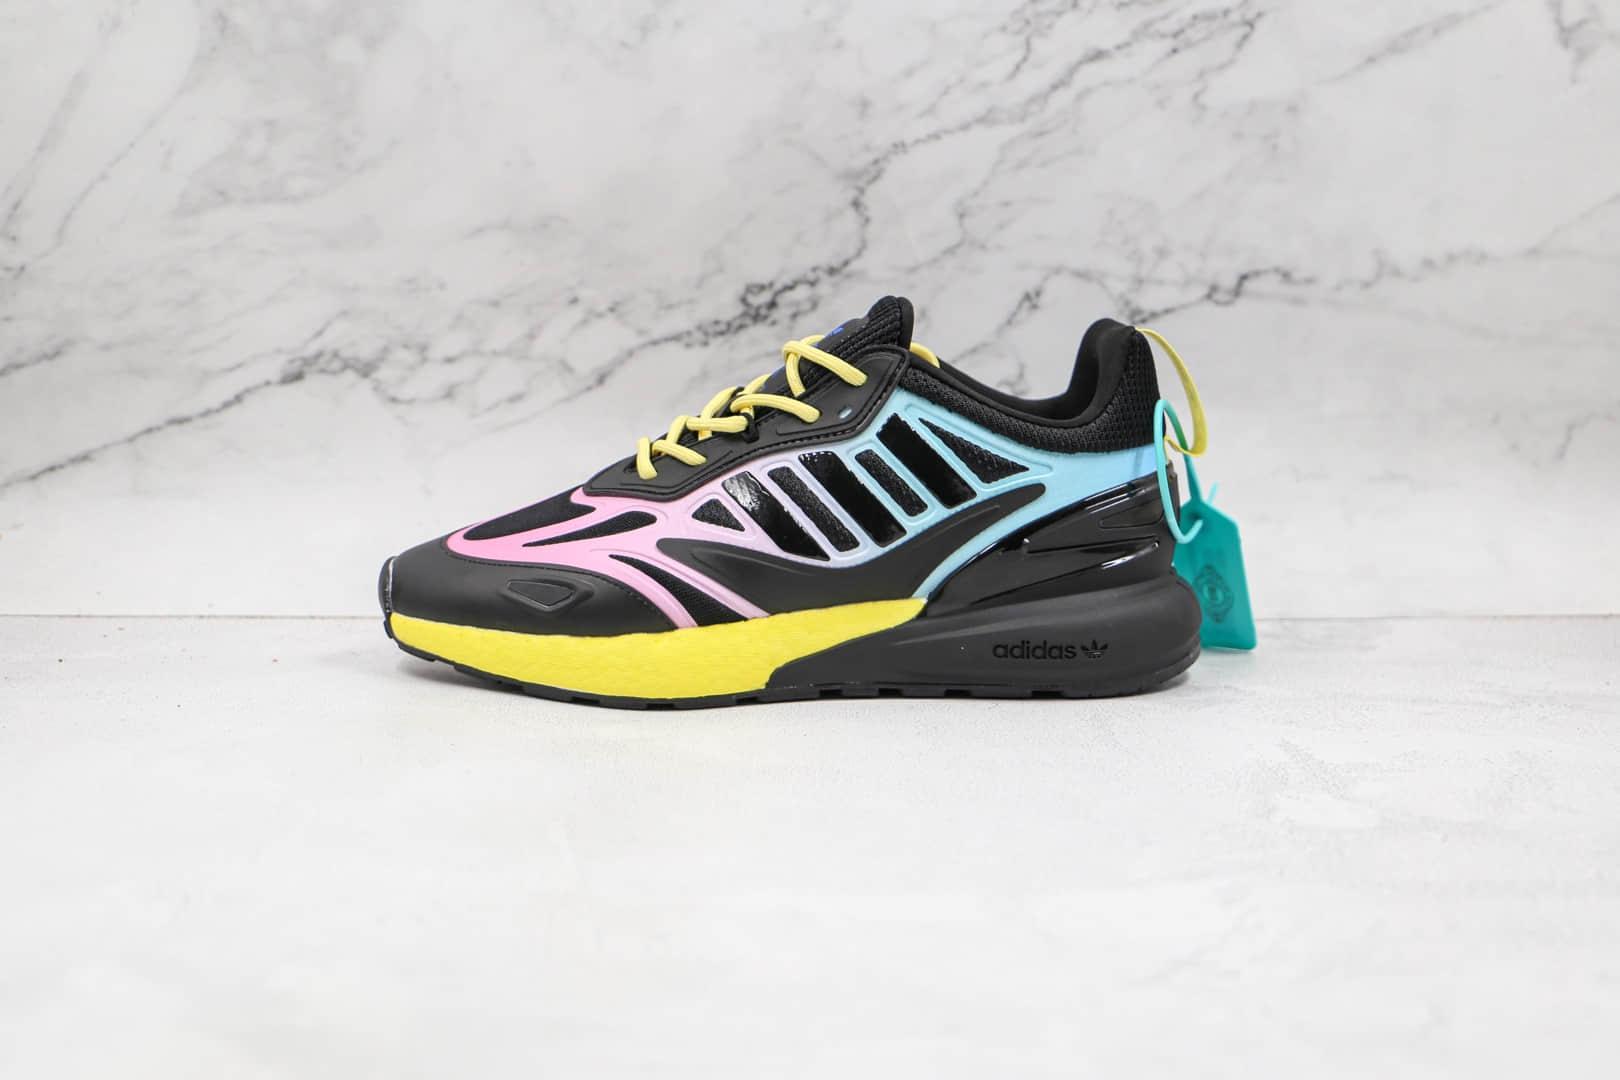 阿迪达斯Adidas Originals ZX 2K Boost 2.0纯原版本黑粉黄蓝色彩色渐变色爆米花跑鞋 货号:GY8283